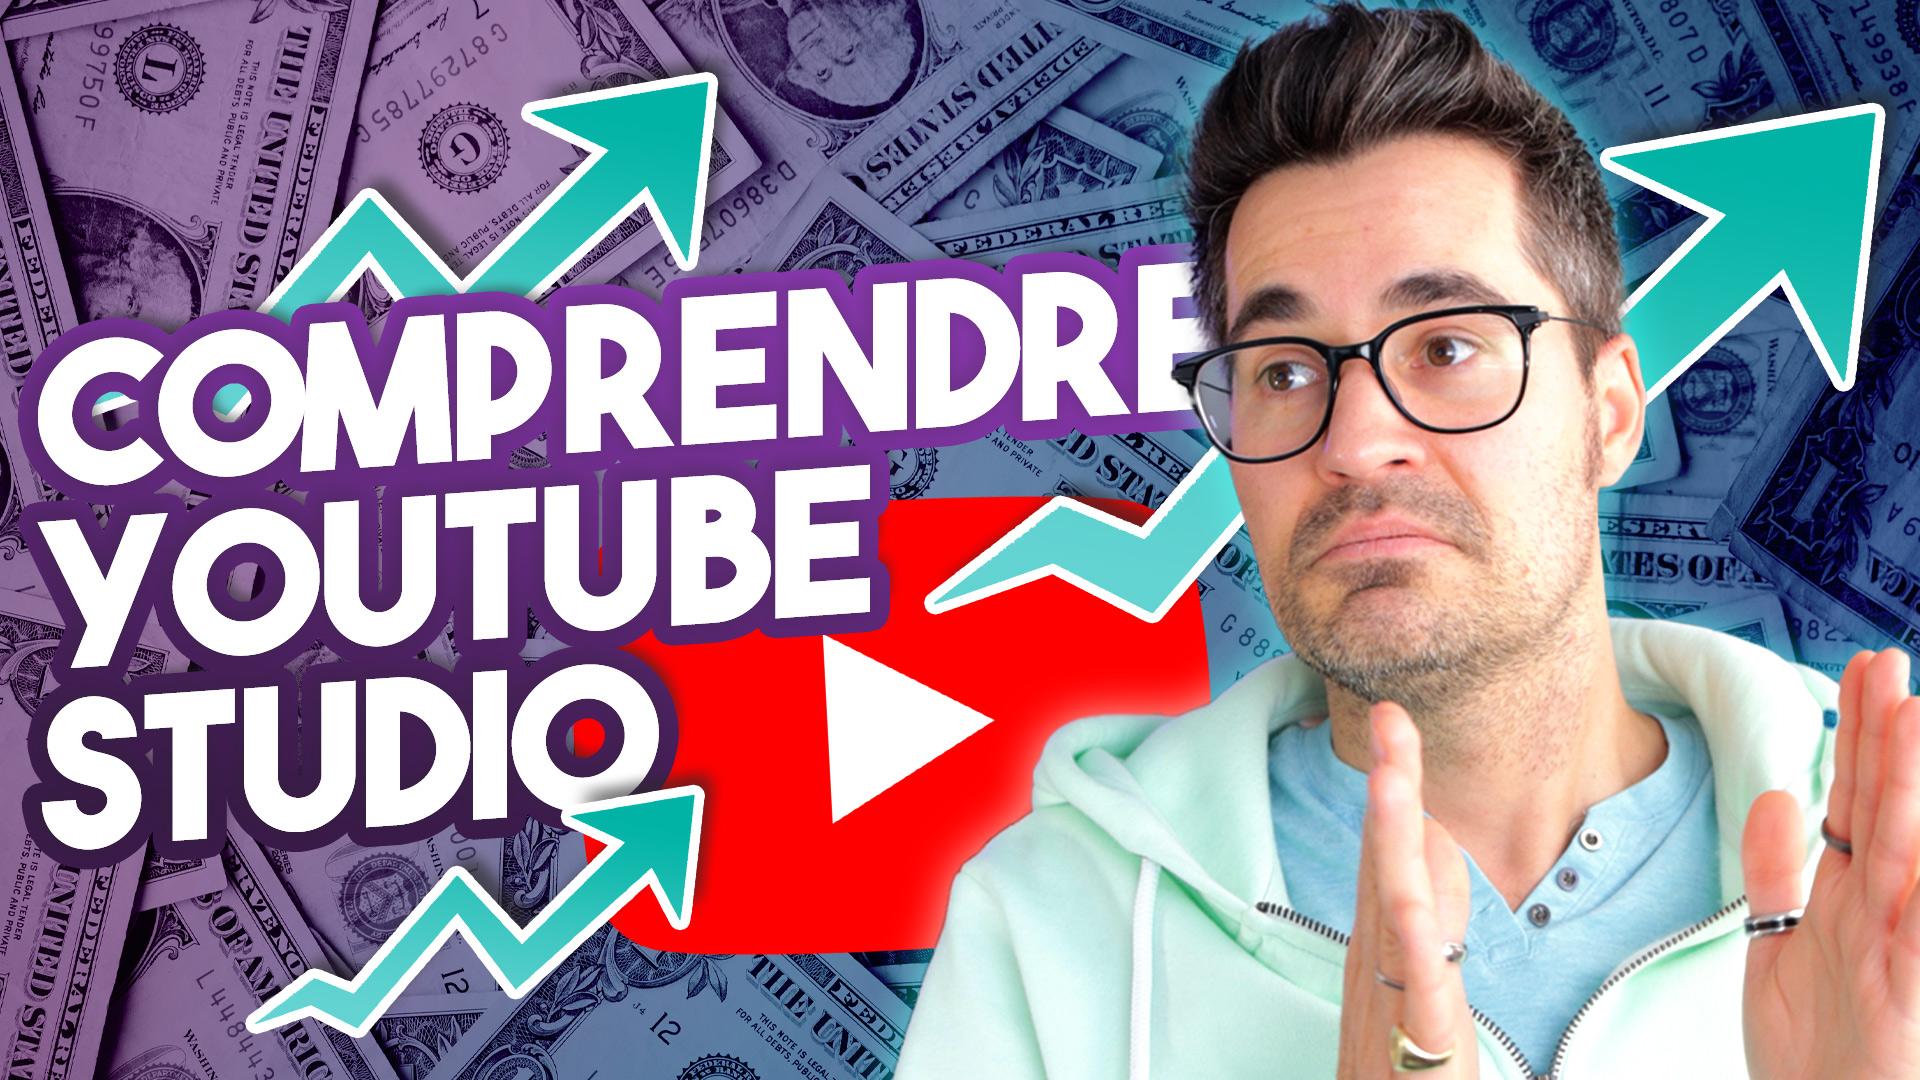 Comprendre YouTube Studio pour GAGNER PLUS 💰 Argent YouTube avec 2000 abonnés (Janvier 2021)